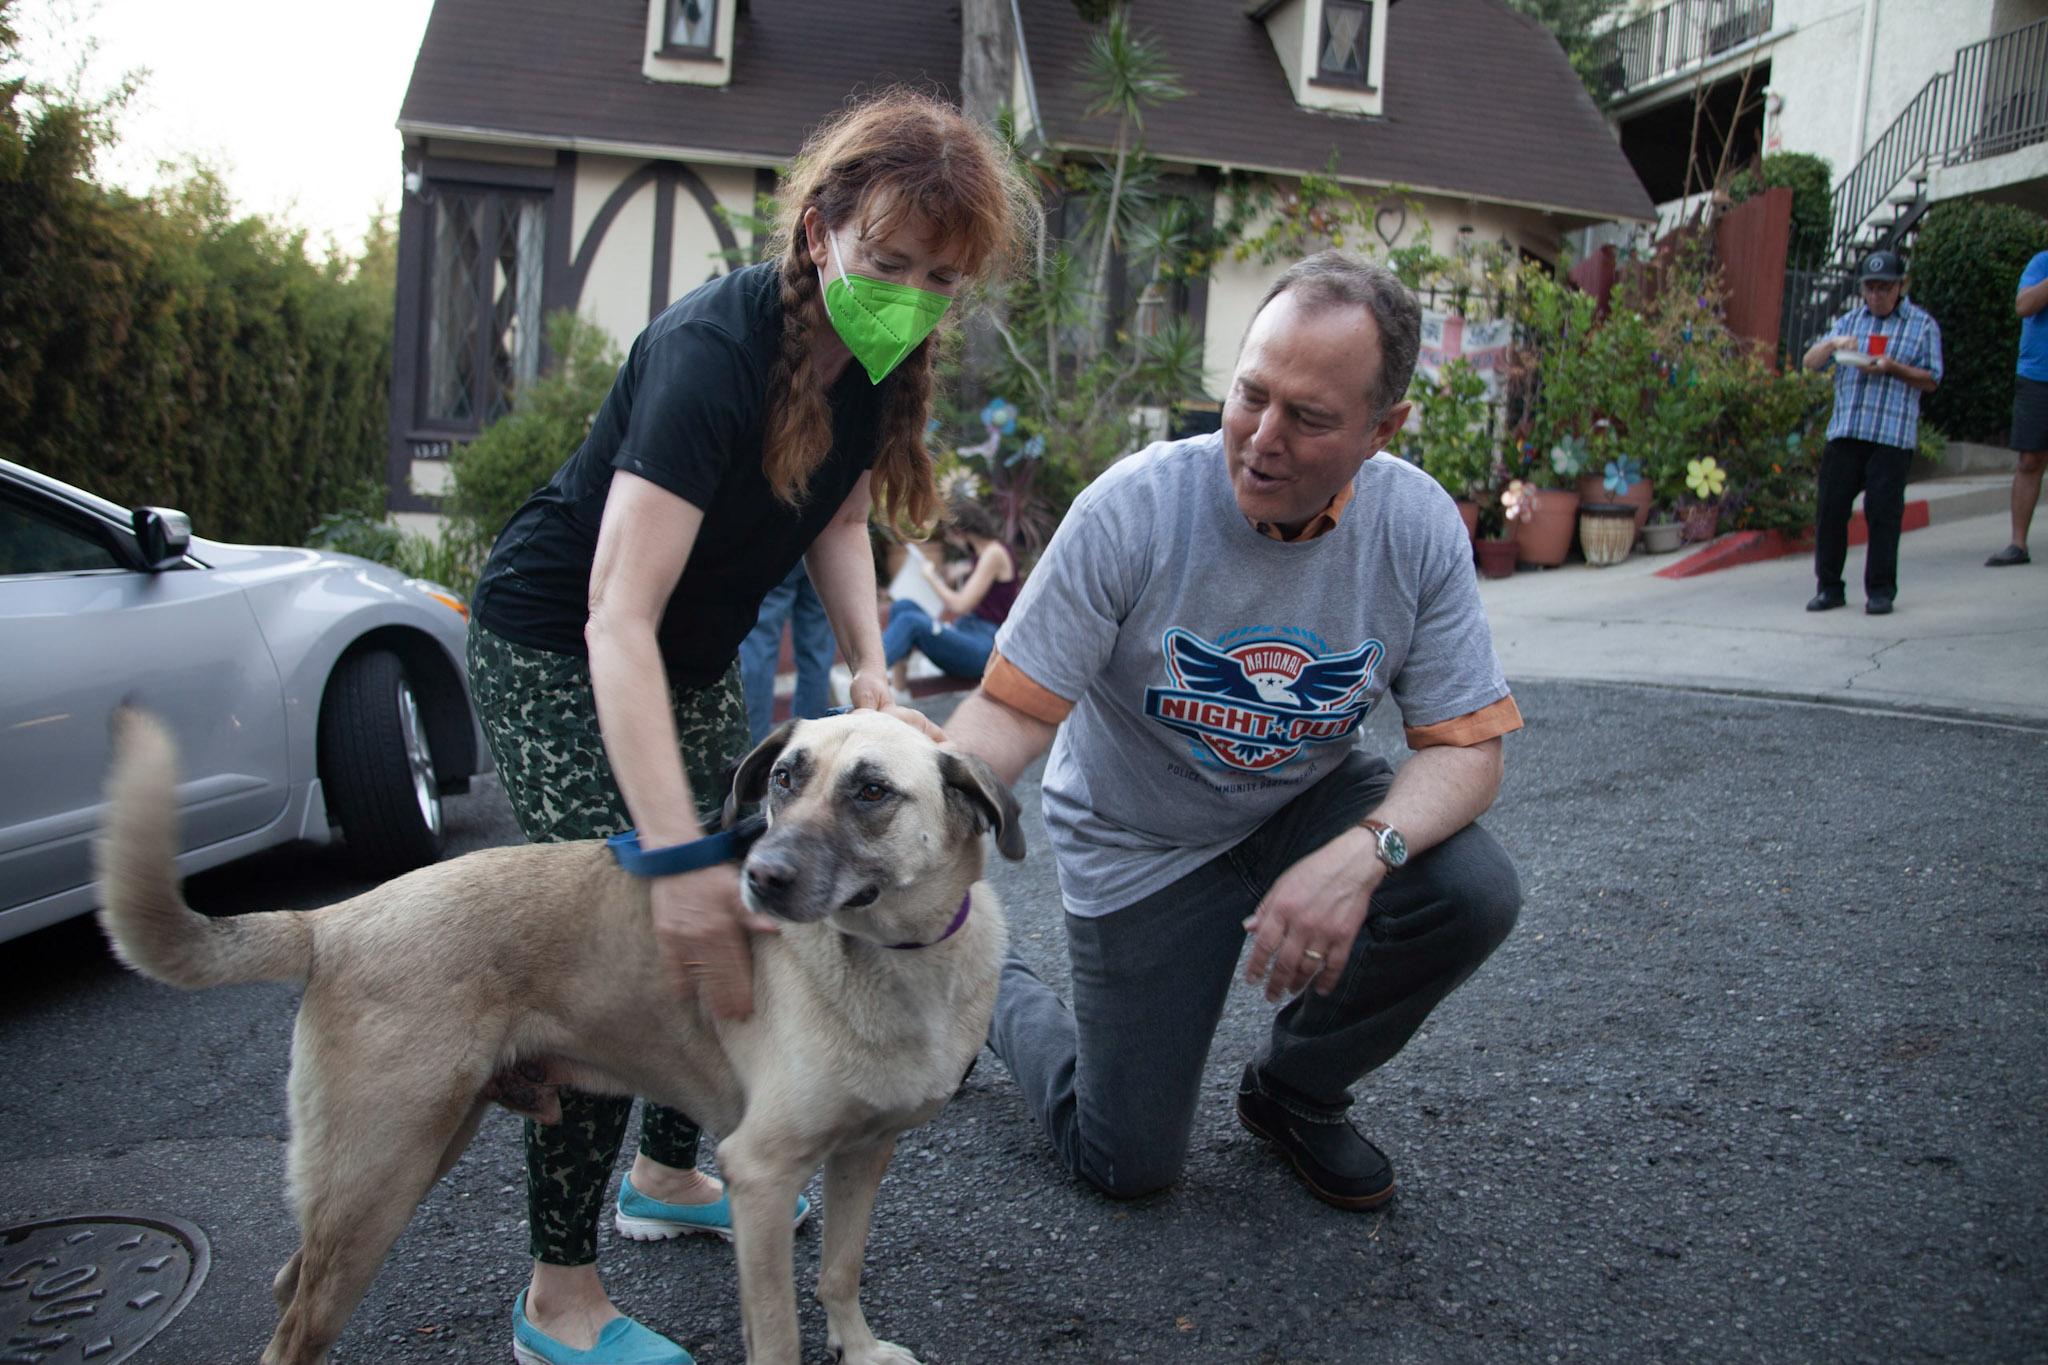 Adam Schiff petting a dog